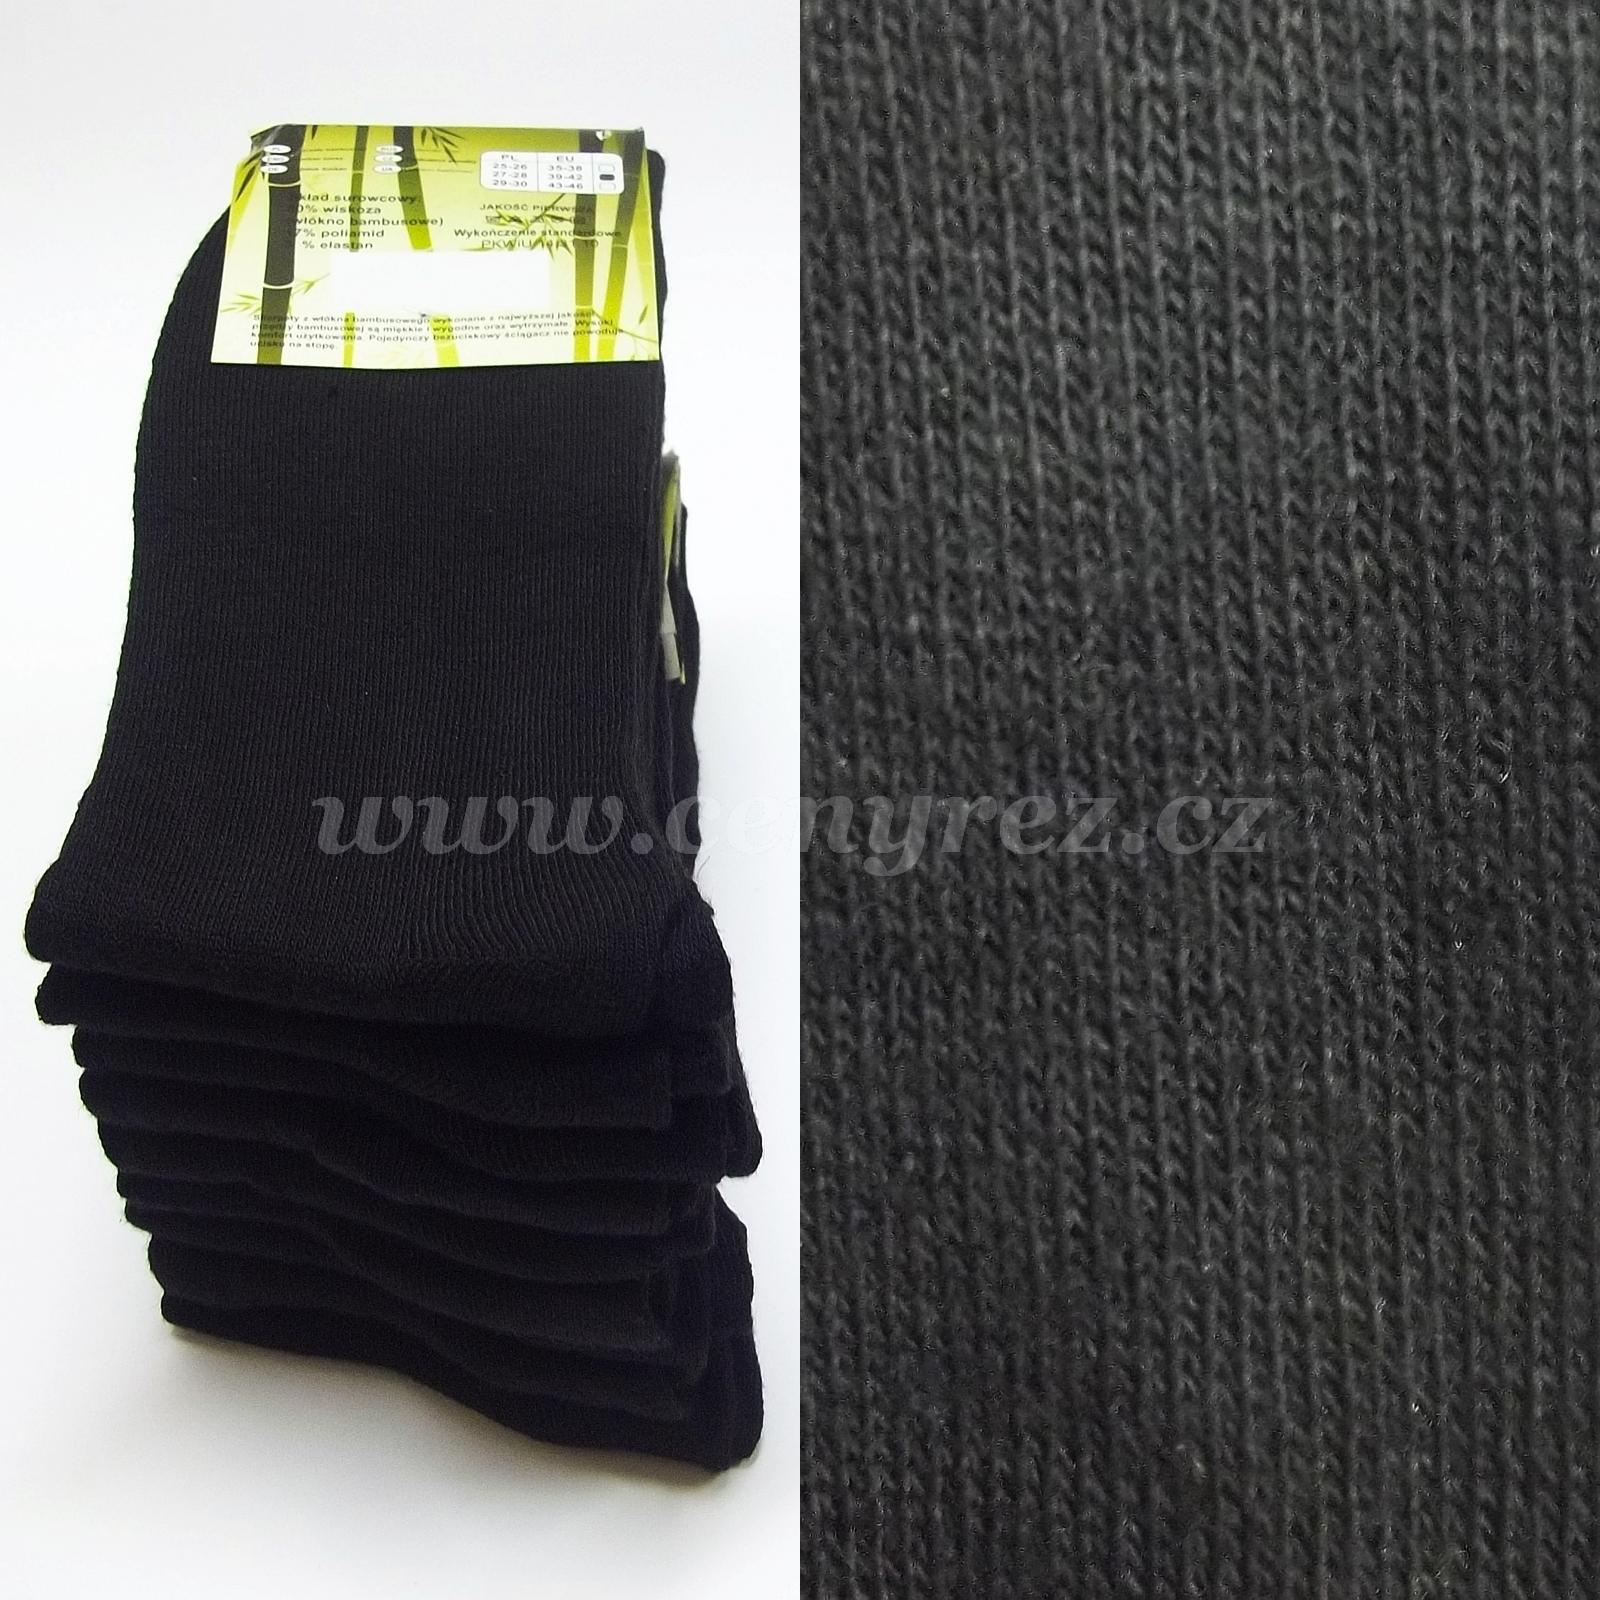 9a85015ed7a 9x černé bambusové ponožky - CenyŘez